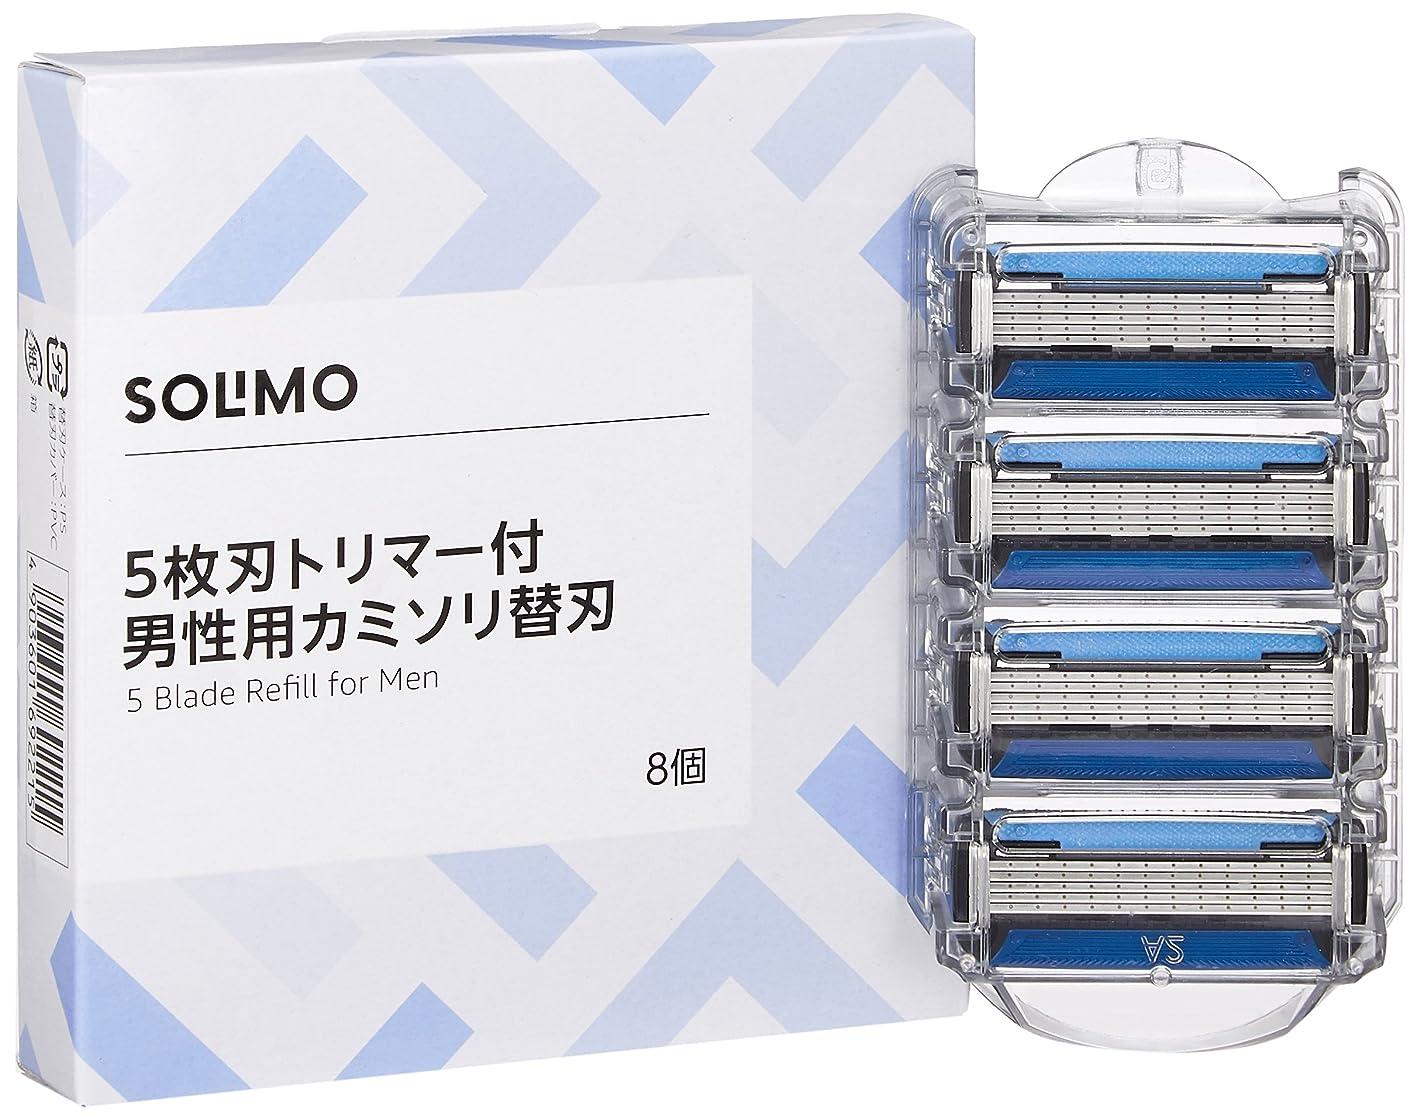 感覚男やもめアミューズ[Amazonブランド]SOLIMO 5枚刃 トリマー付 男性用 カミソリ替刃8個